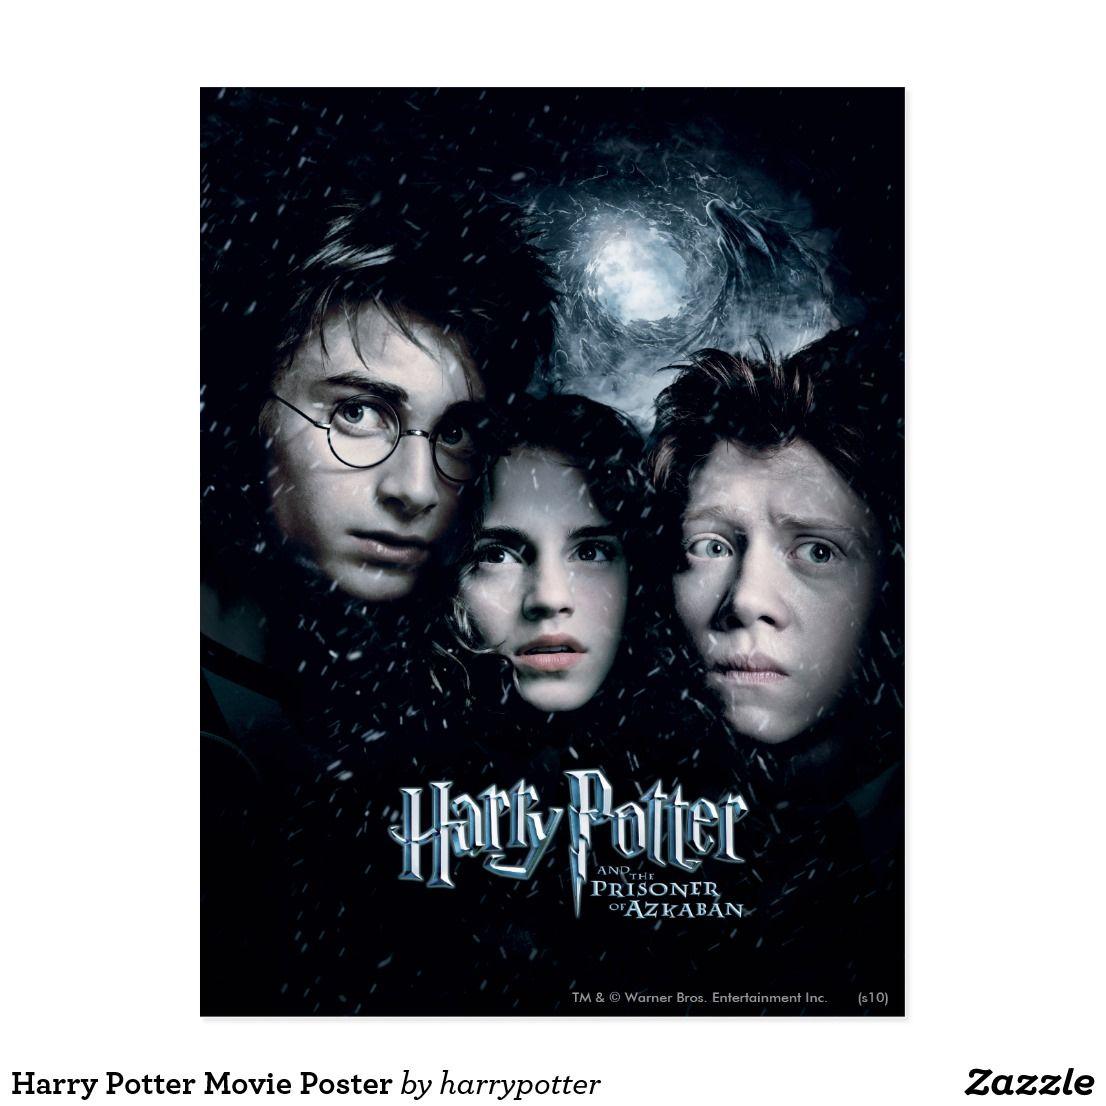 Harry Potter Et Le Prisonnier D Azkaban Film Harry Potter Movie Poster Postcard Zazzle Com Harry Potter Movie Posters Harry Potter Movies Harry Potter Poster